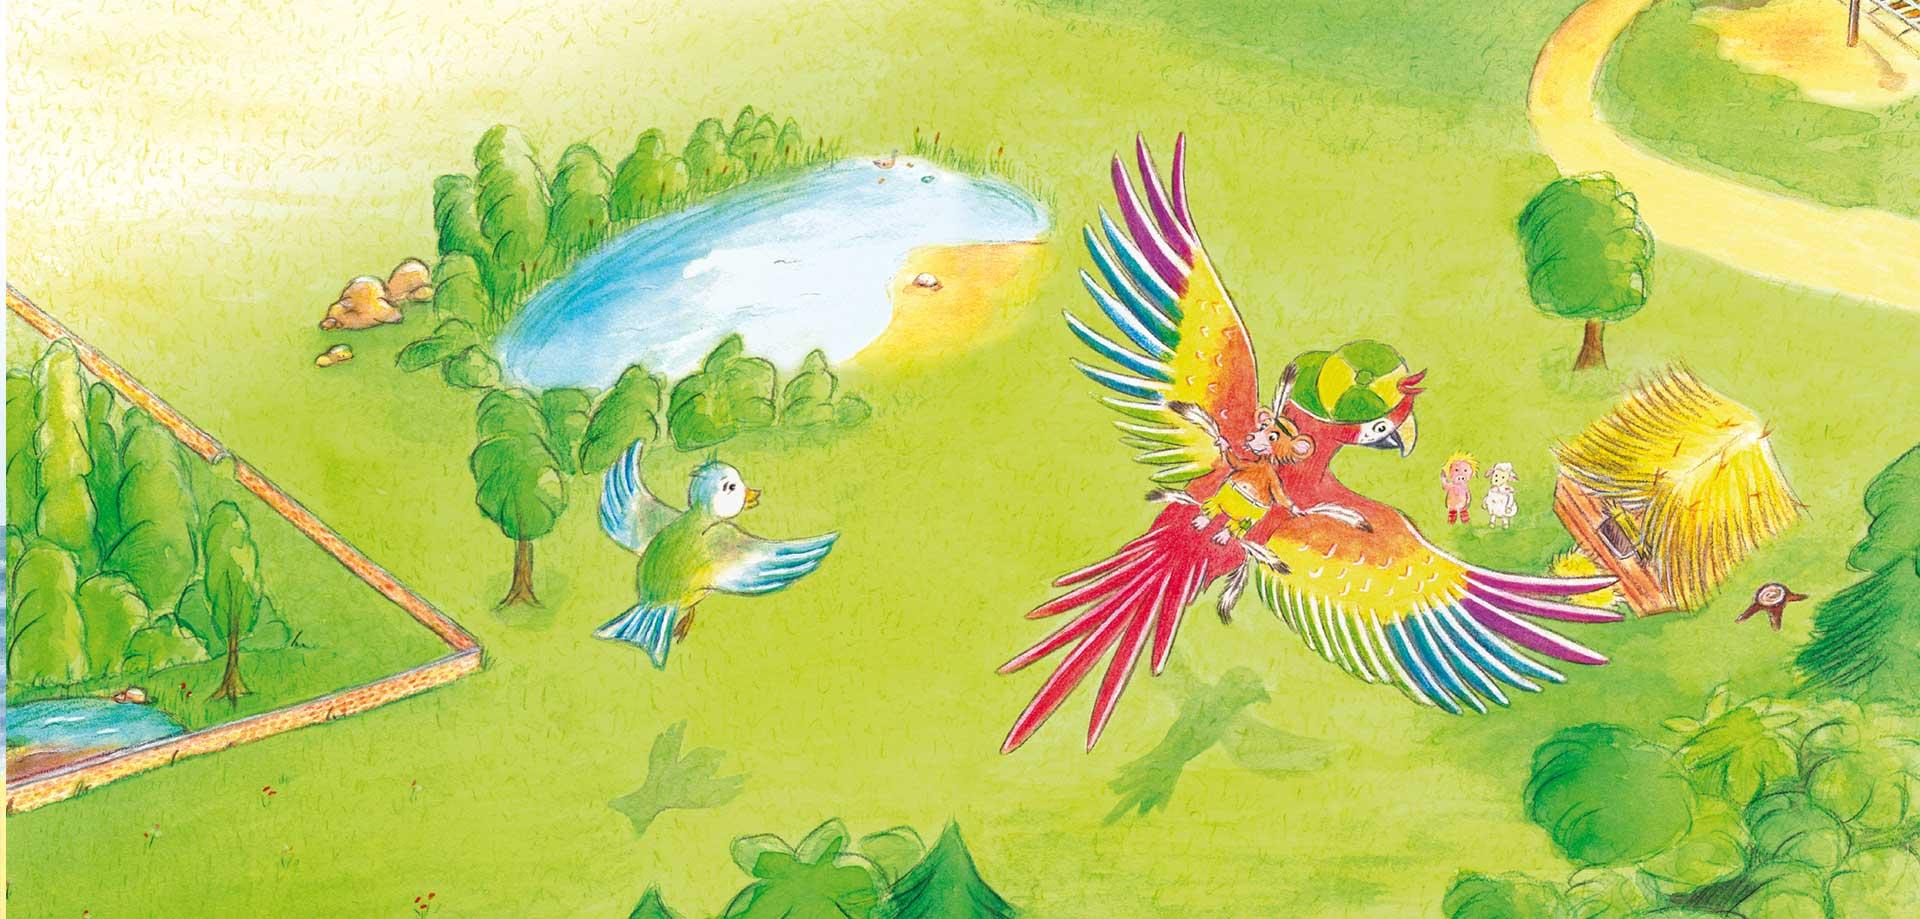 Startseite-Friedolins-Freunde---Regenbogen---Kinderbuch-3